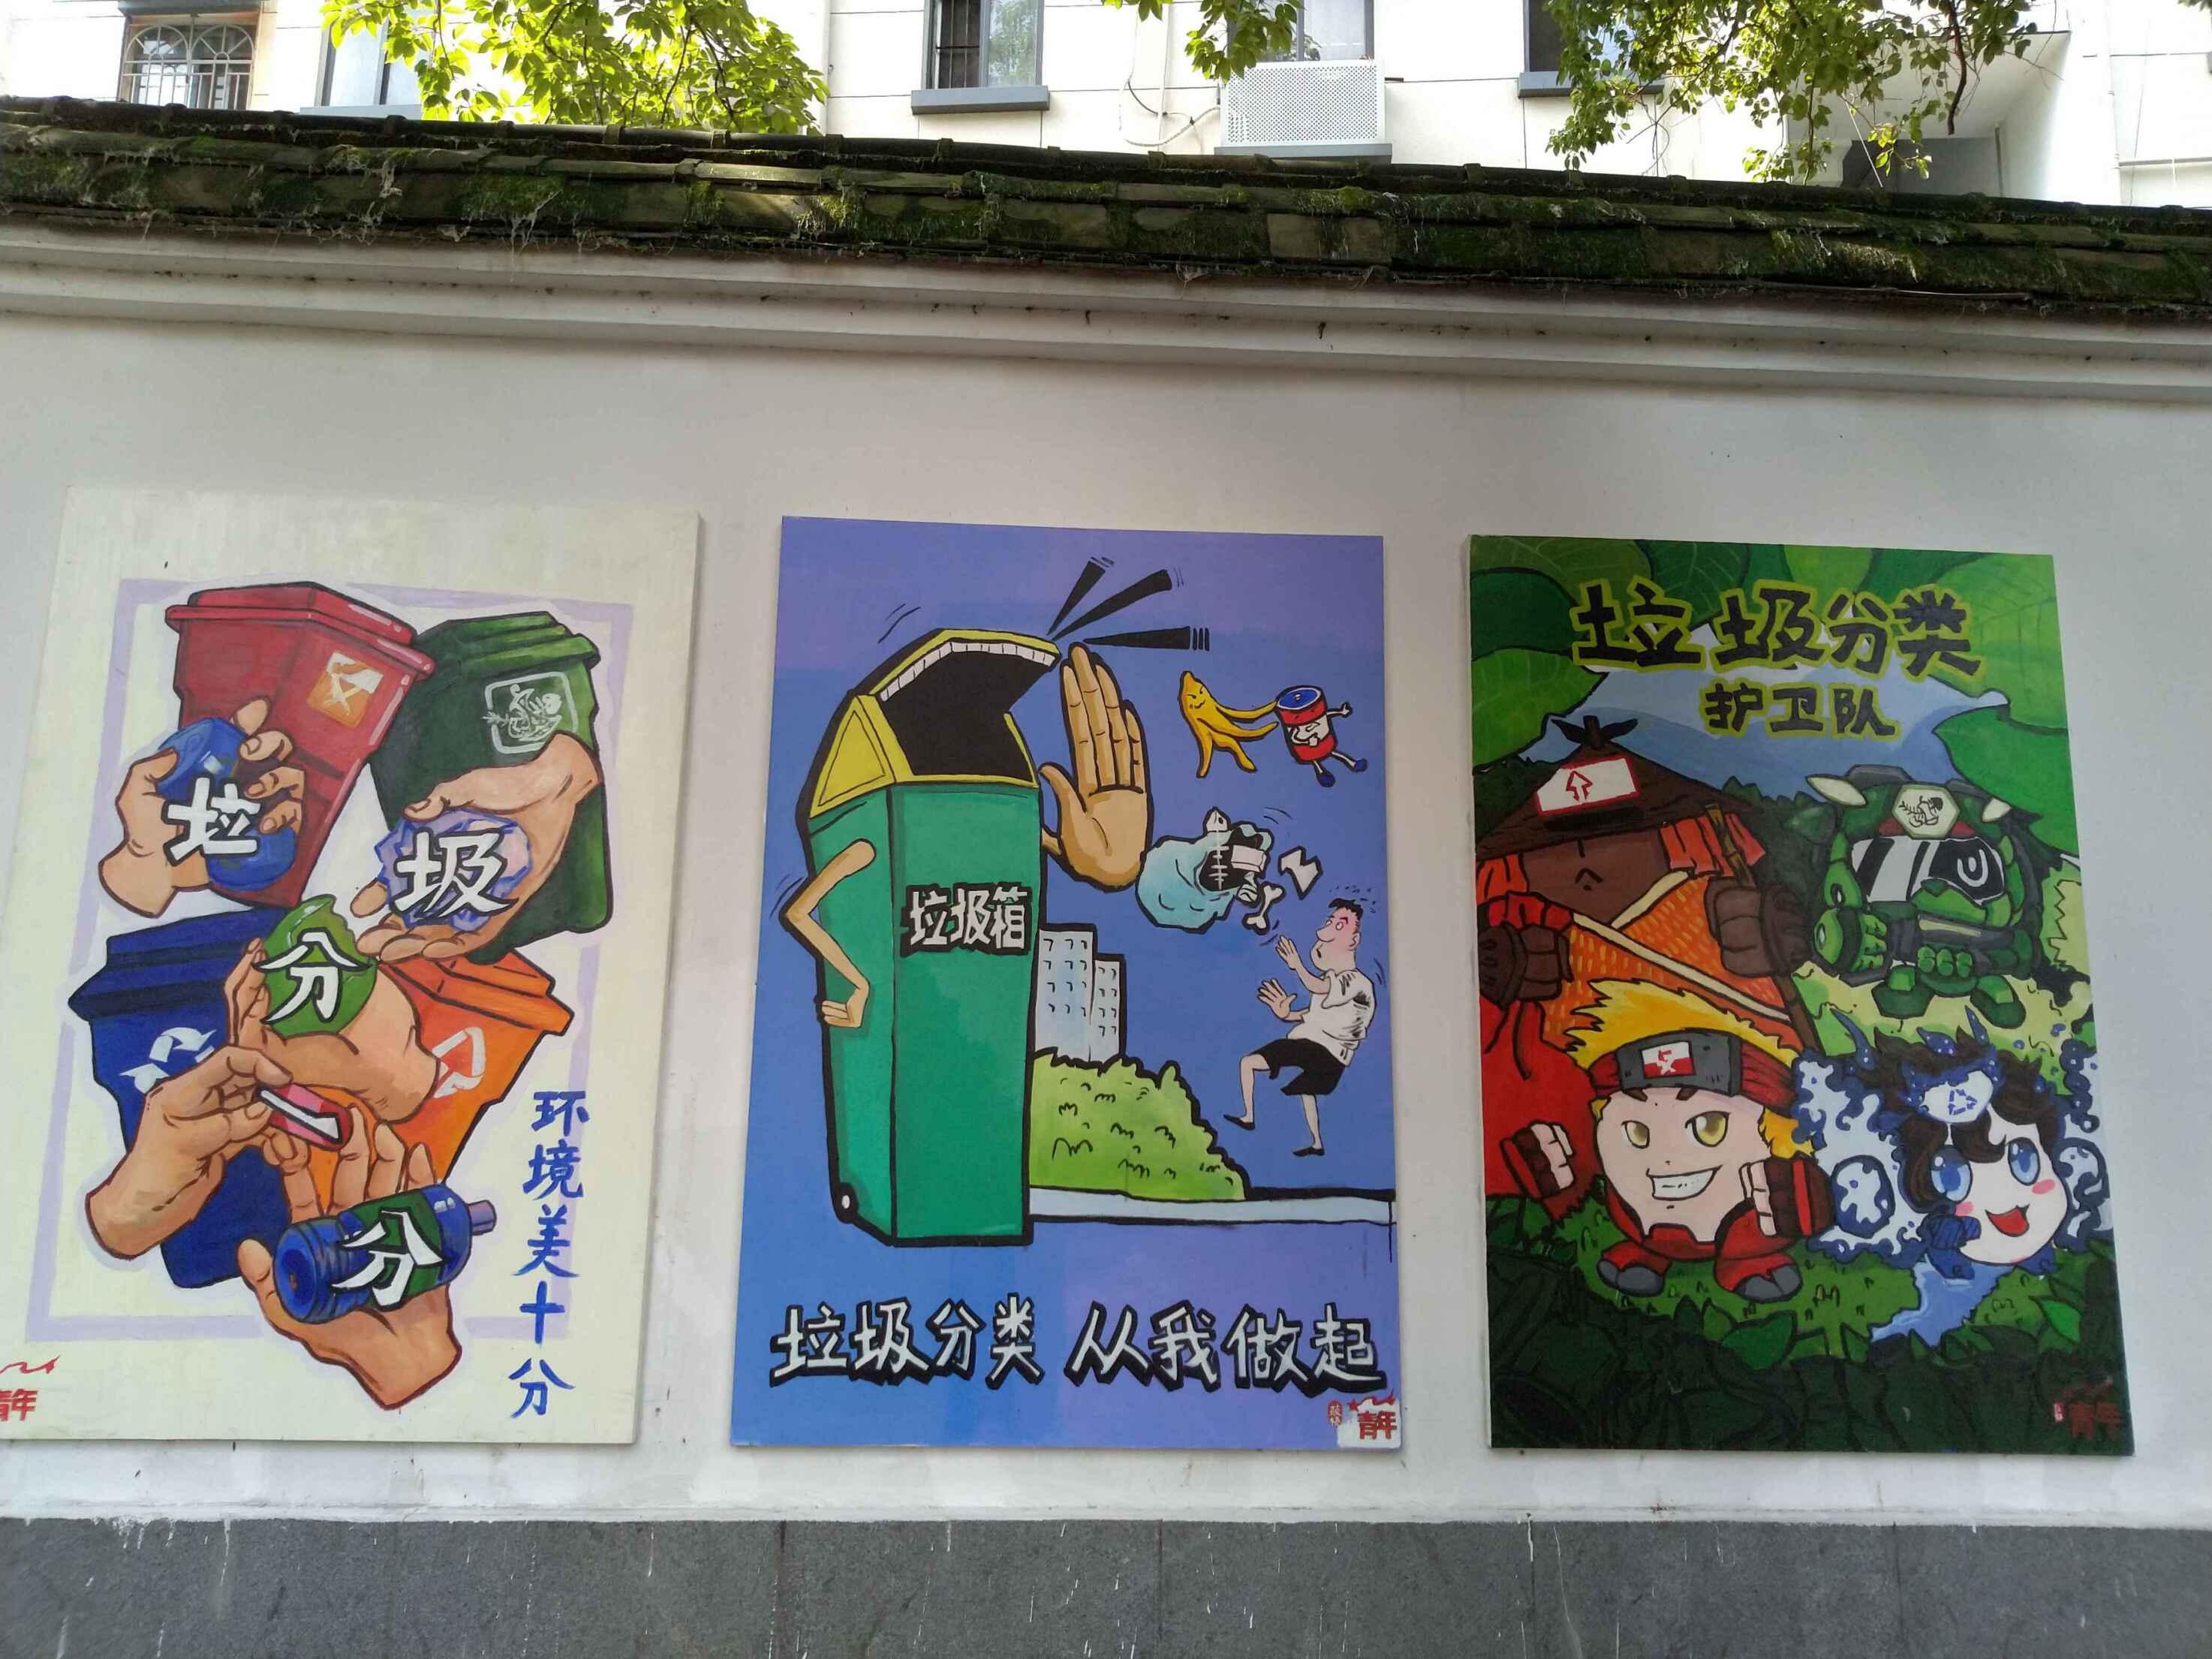 吉安背景墙,吉安墙体壁画,吉安外墙墙绘,吉安壁画,吉安绘画